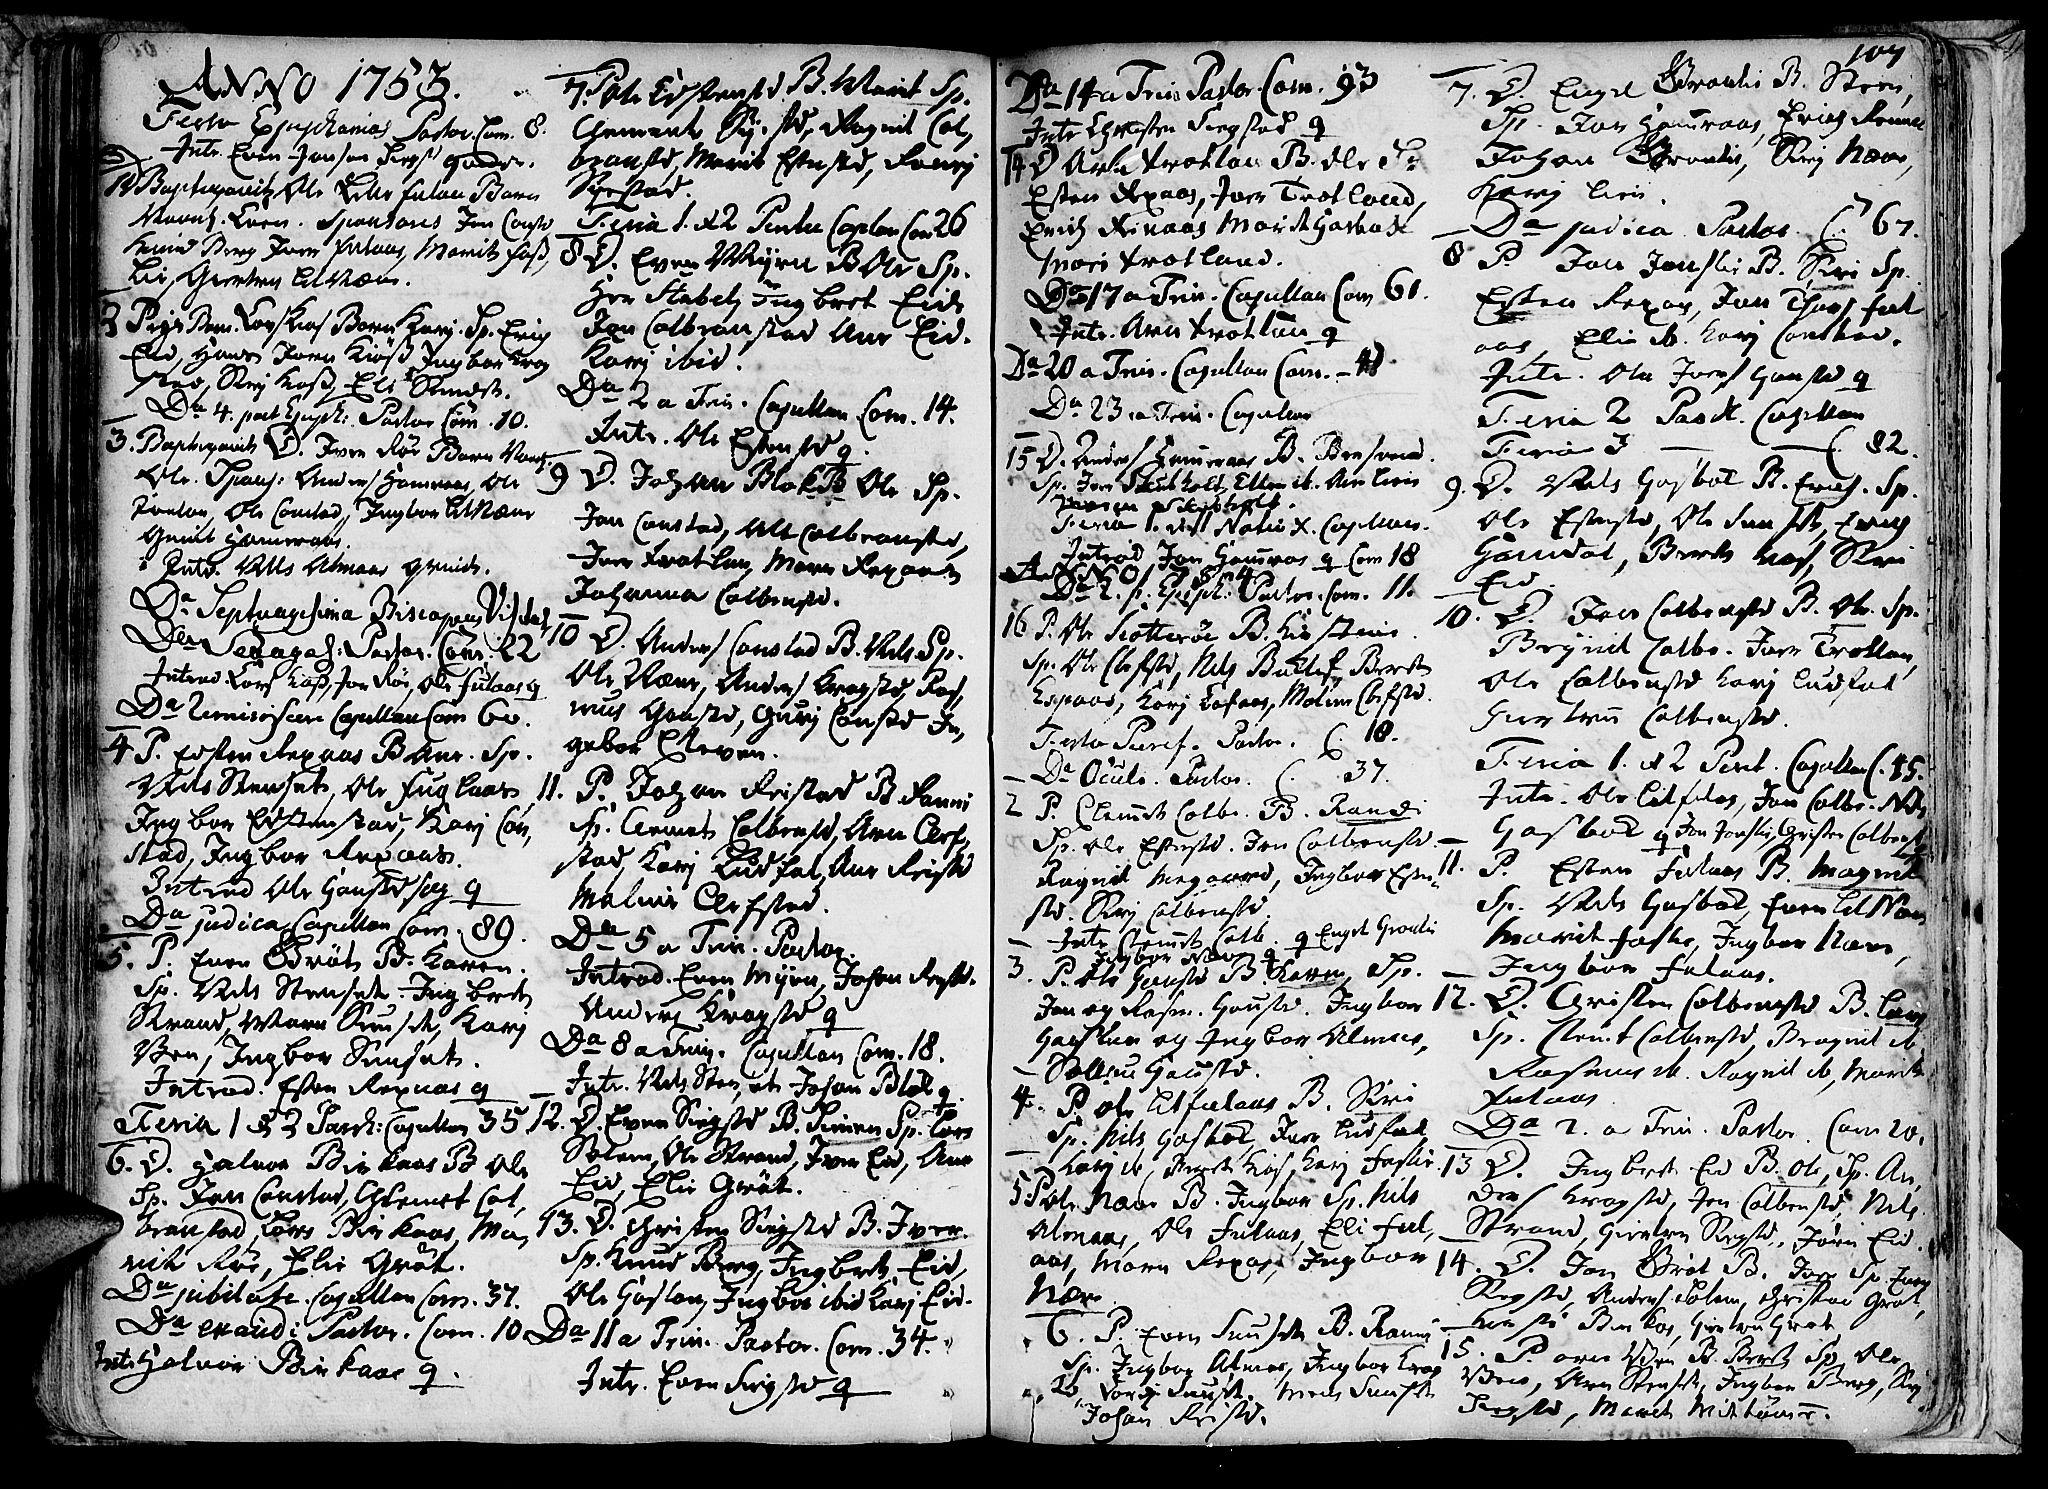 SAT, Ministerialprotokoller, klokkerbøker og fødselsregistre - Sør-Trøndelag, 691/L1060: Ministerialbok nr. 691A01 /4, 1740-1767, s. 107